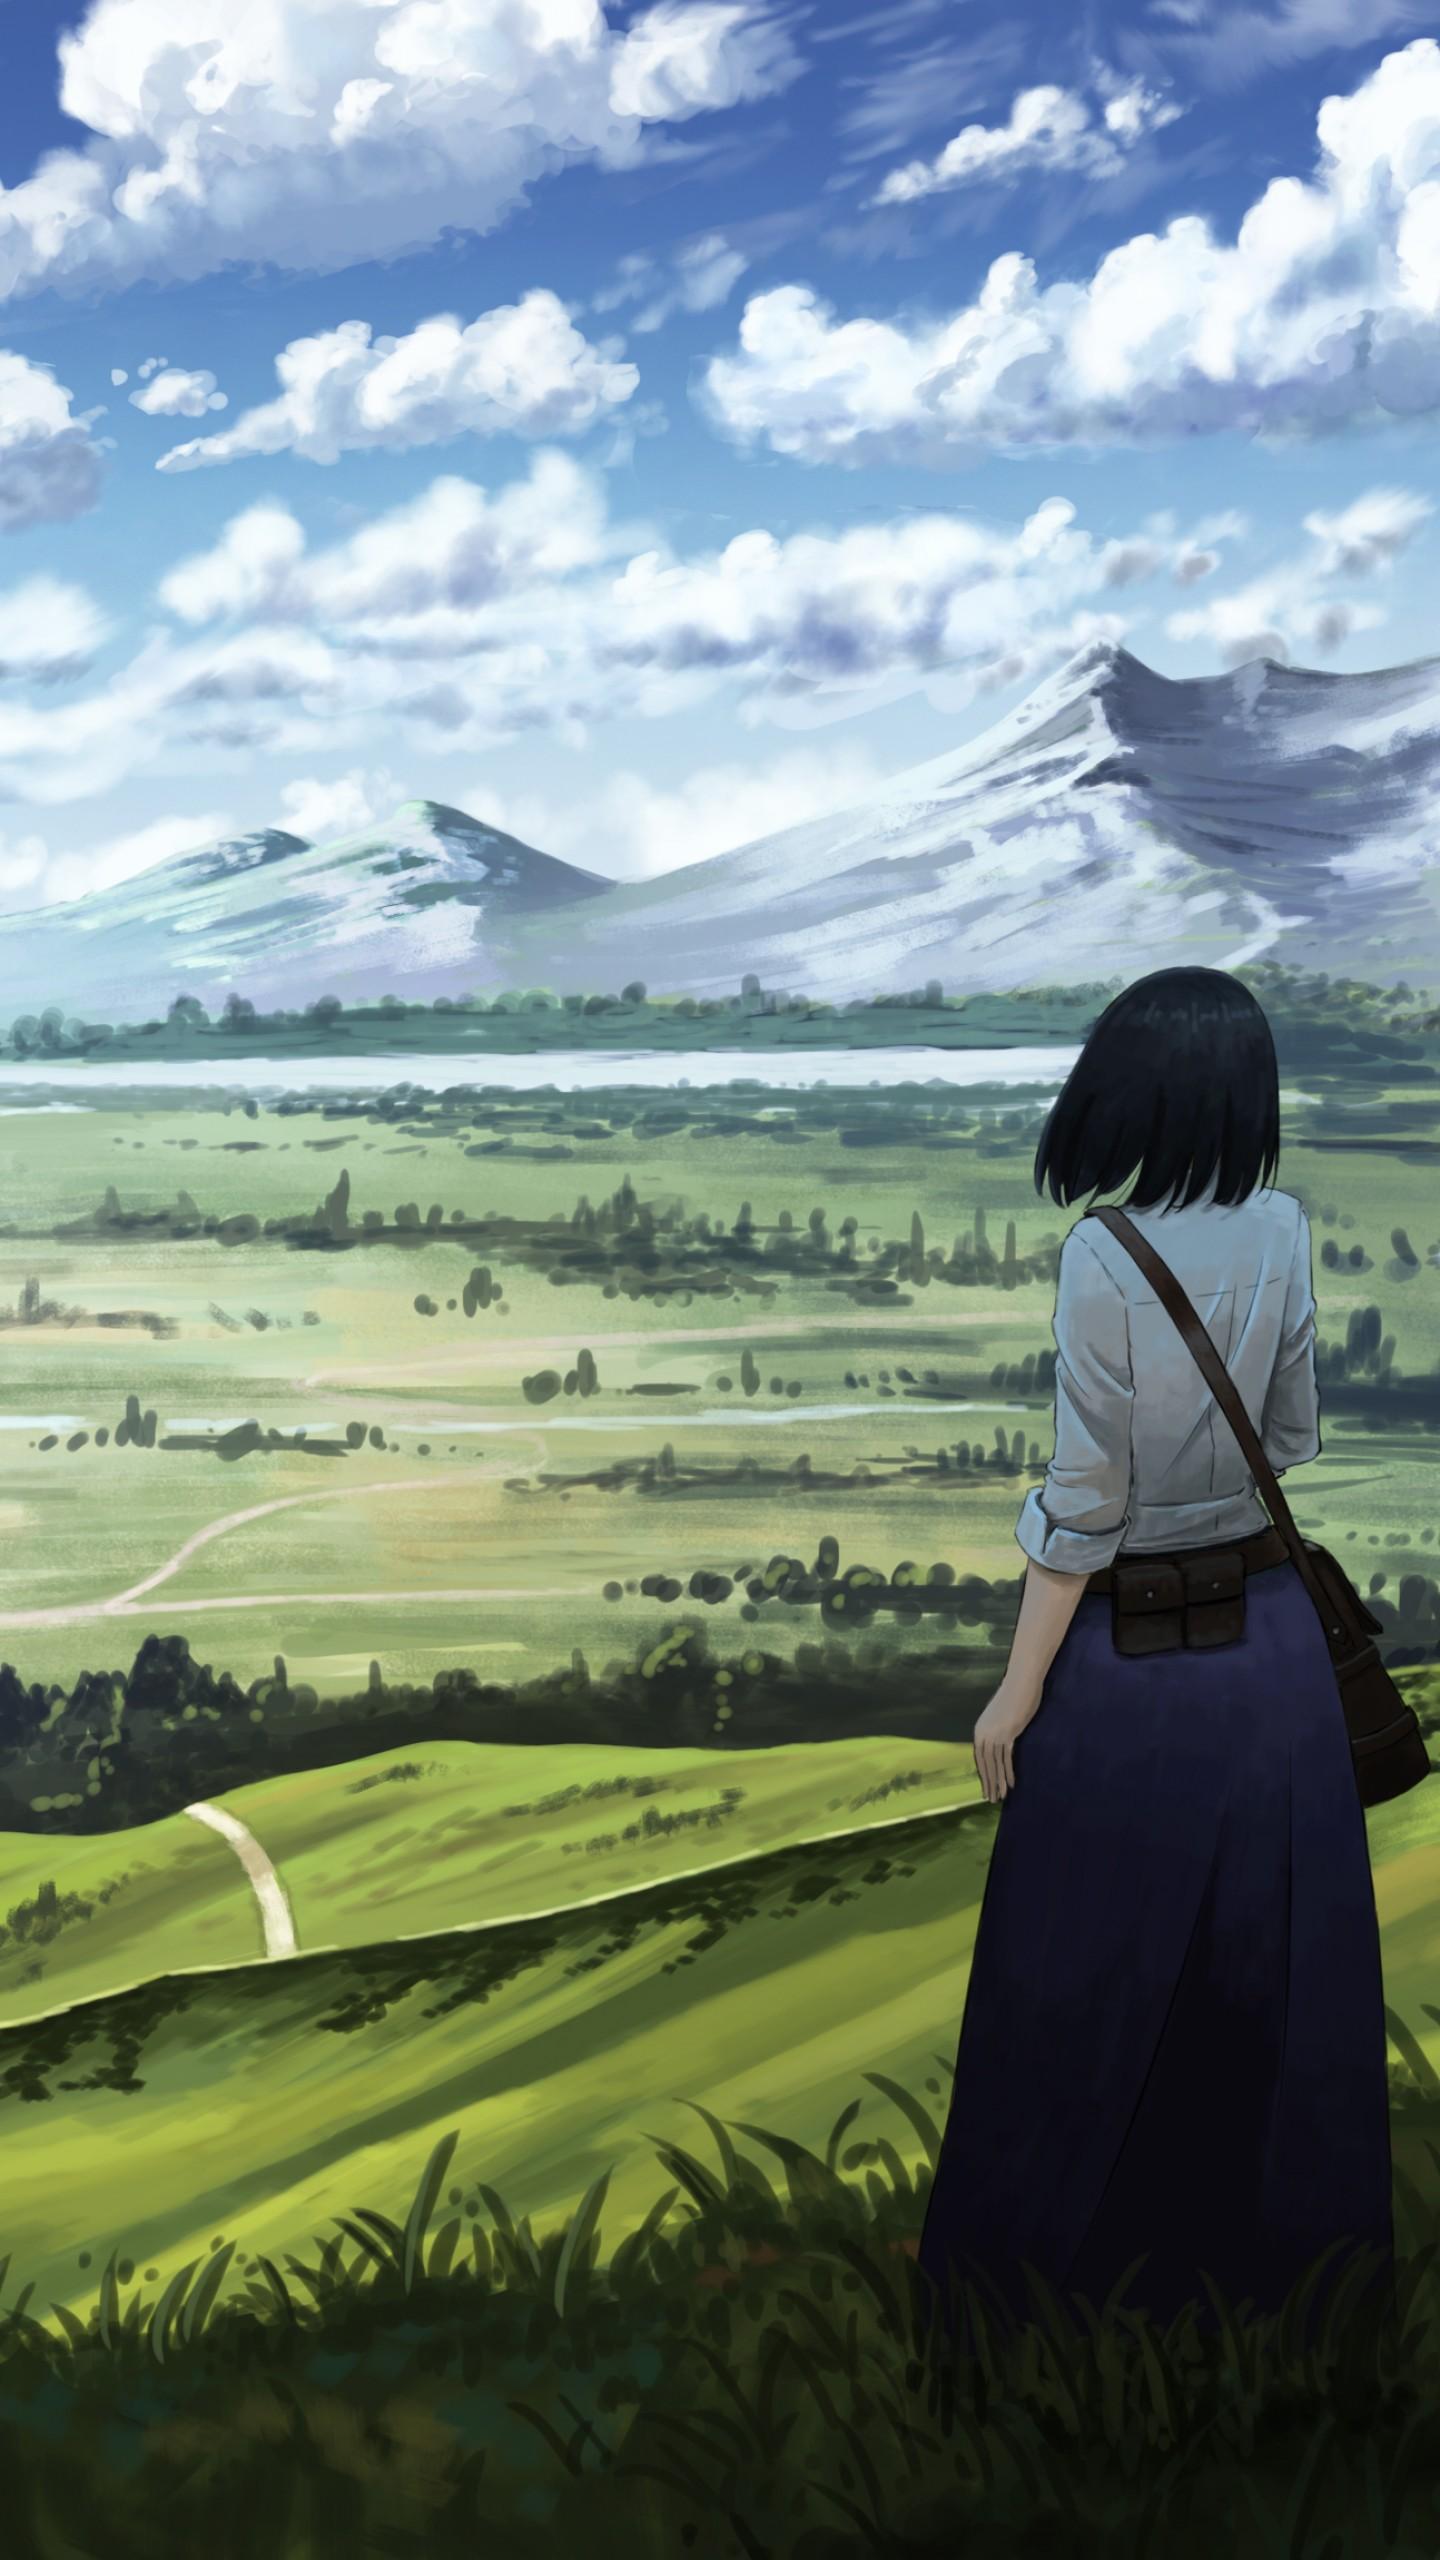 Wallpaper Anime, Girl, Castle, 4K, Art 18919-6677